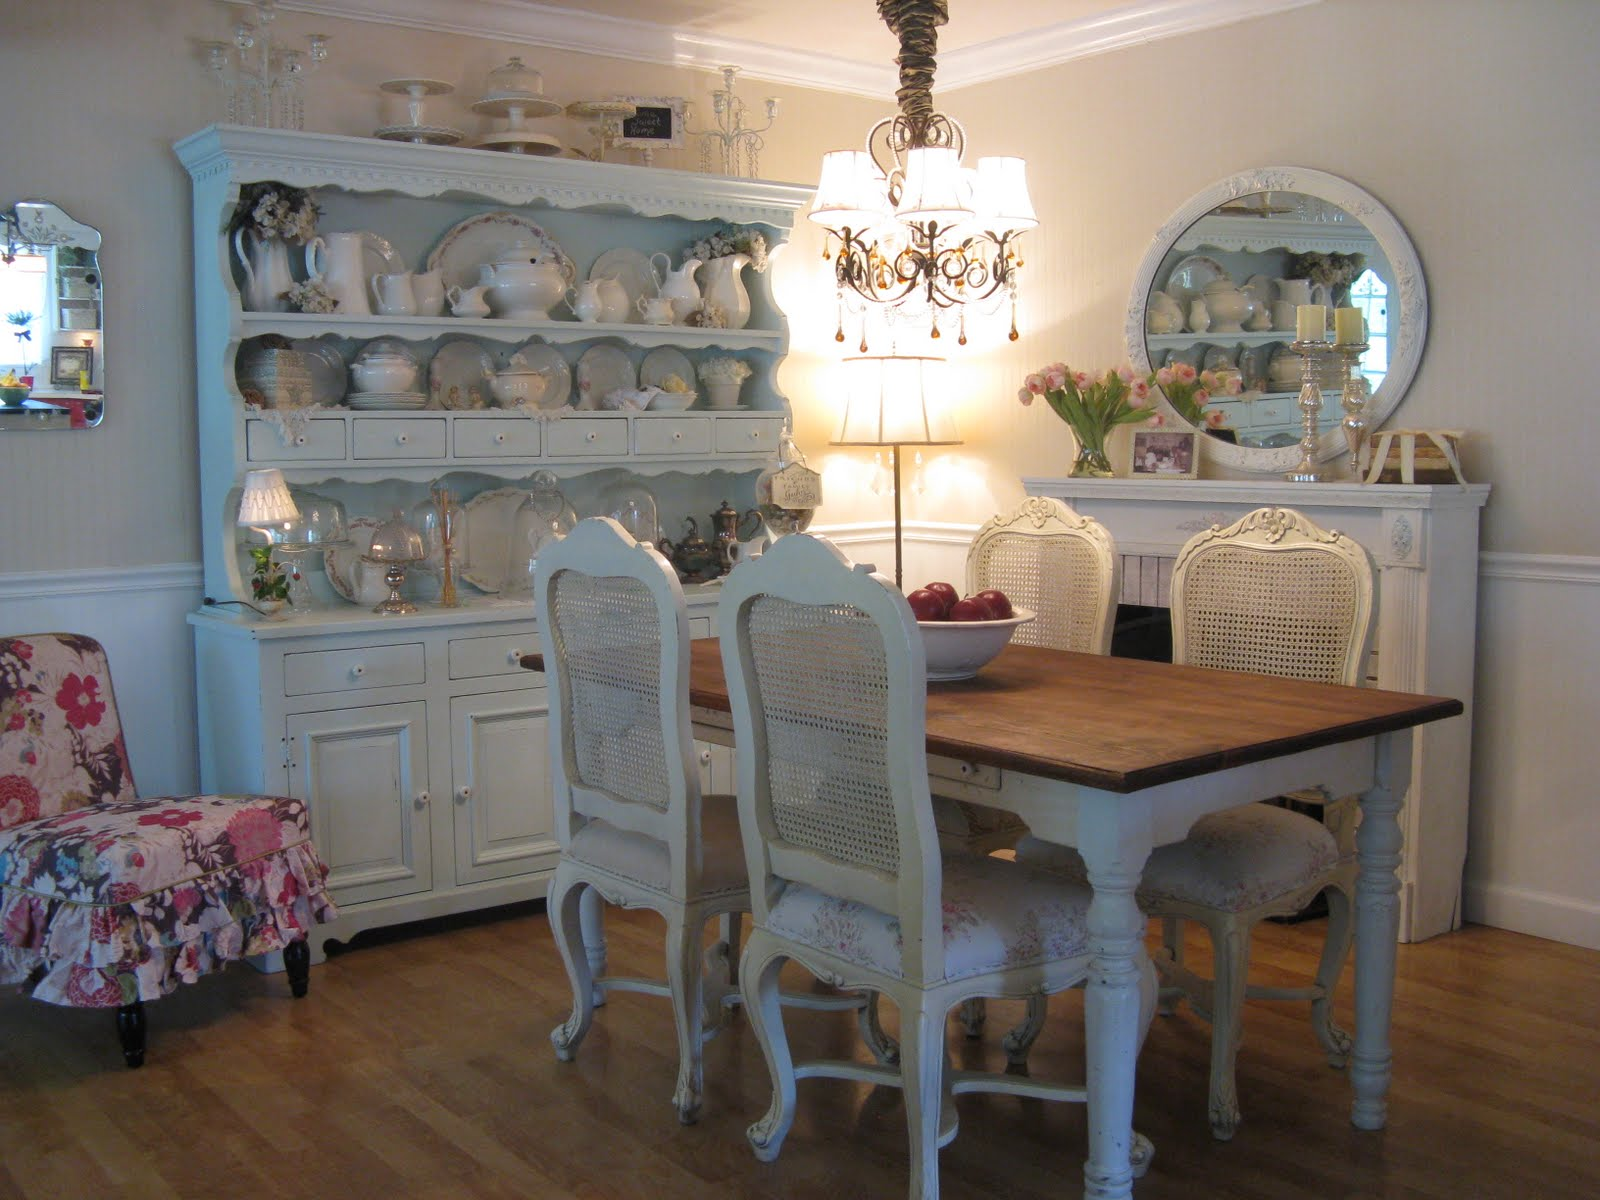 decoracao de sala humilde : decoracao de sala humilde:Ao contrário comomuito se pensa, até mesmo eu, a estilo provençal